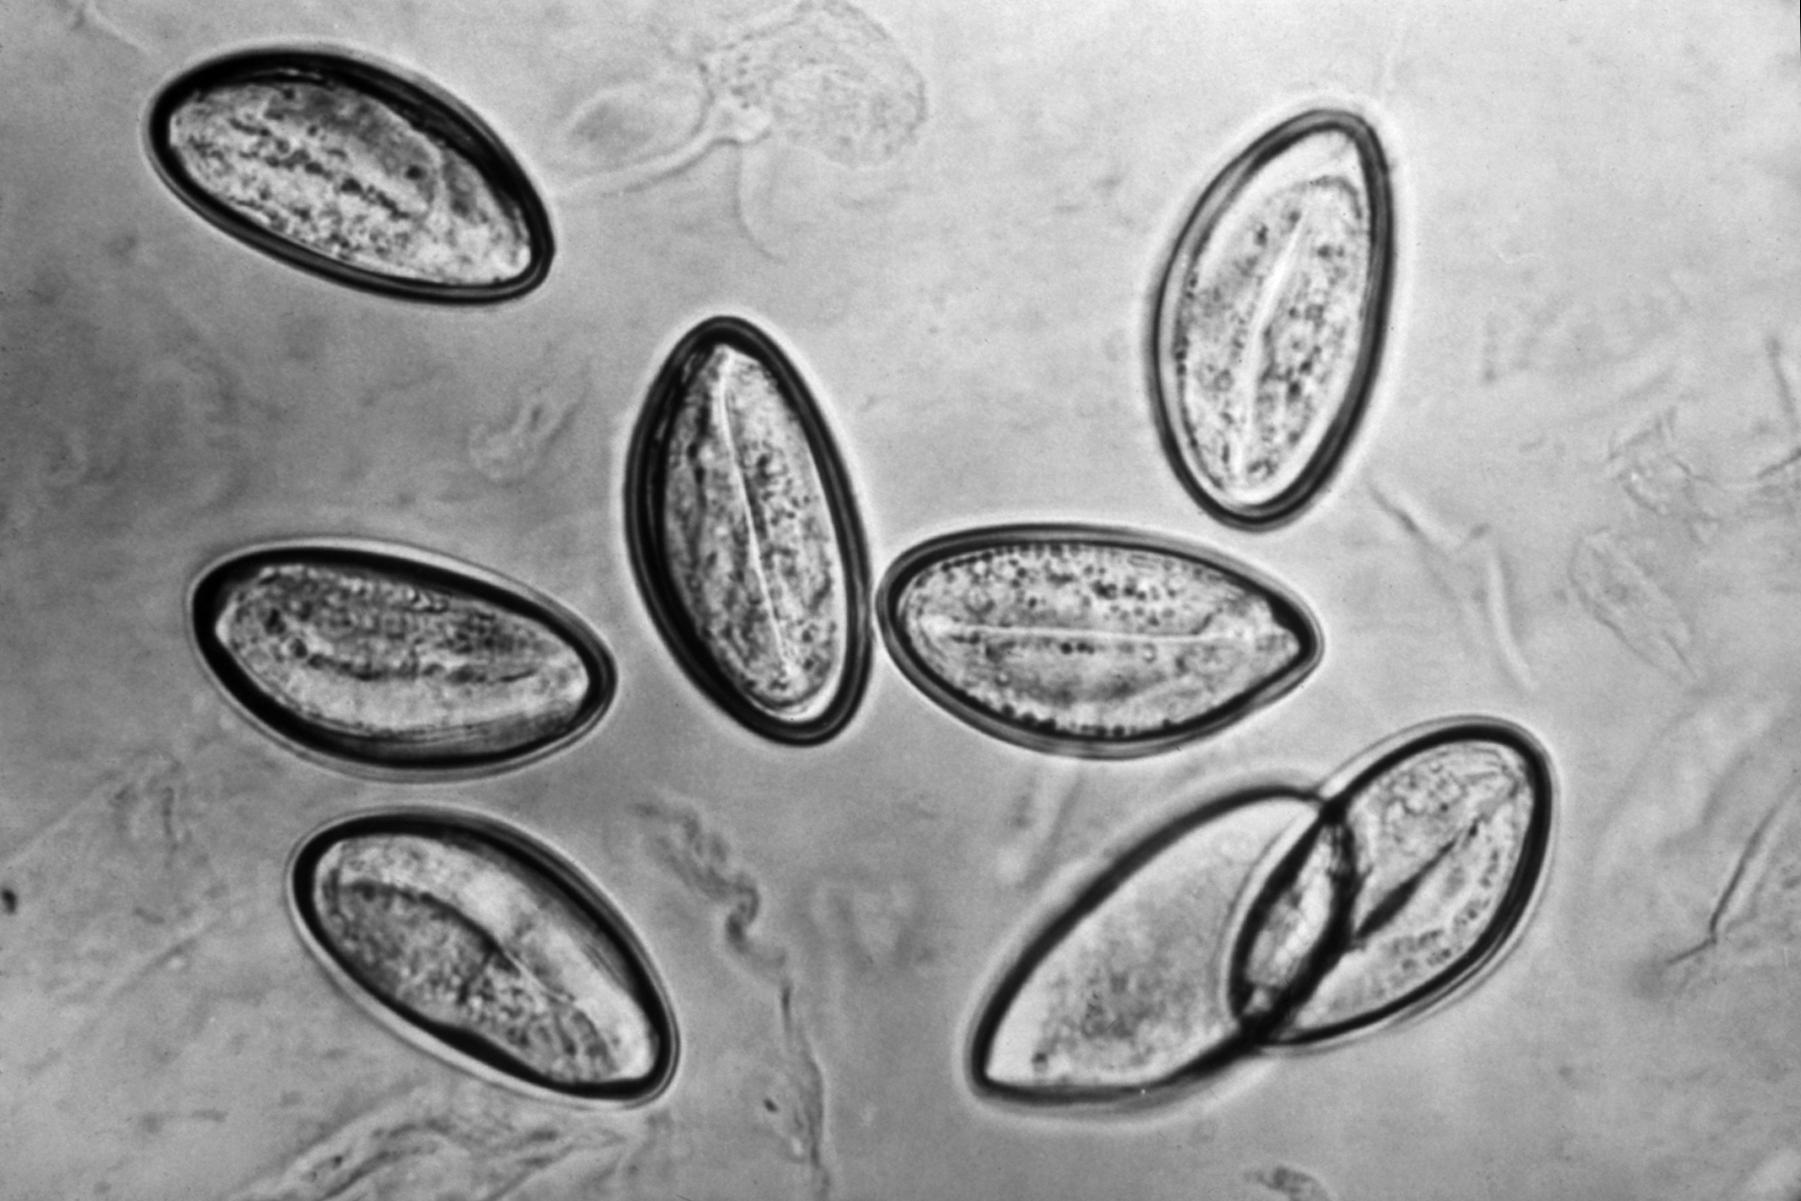 human papillomavirus laryngeal cancer uterine cancer white blood cells